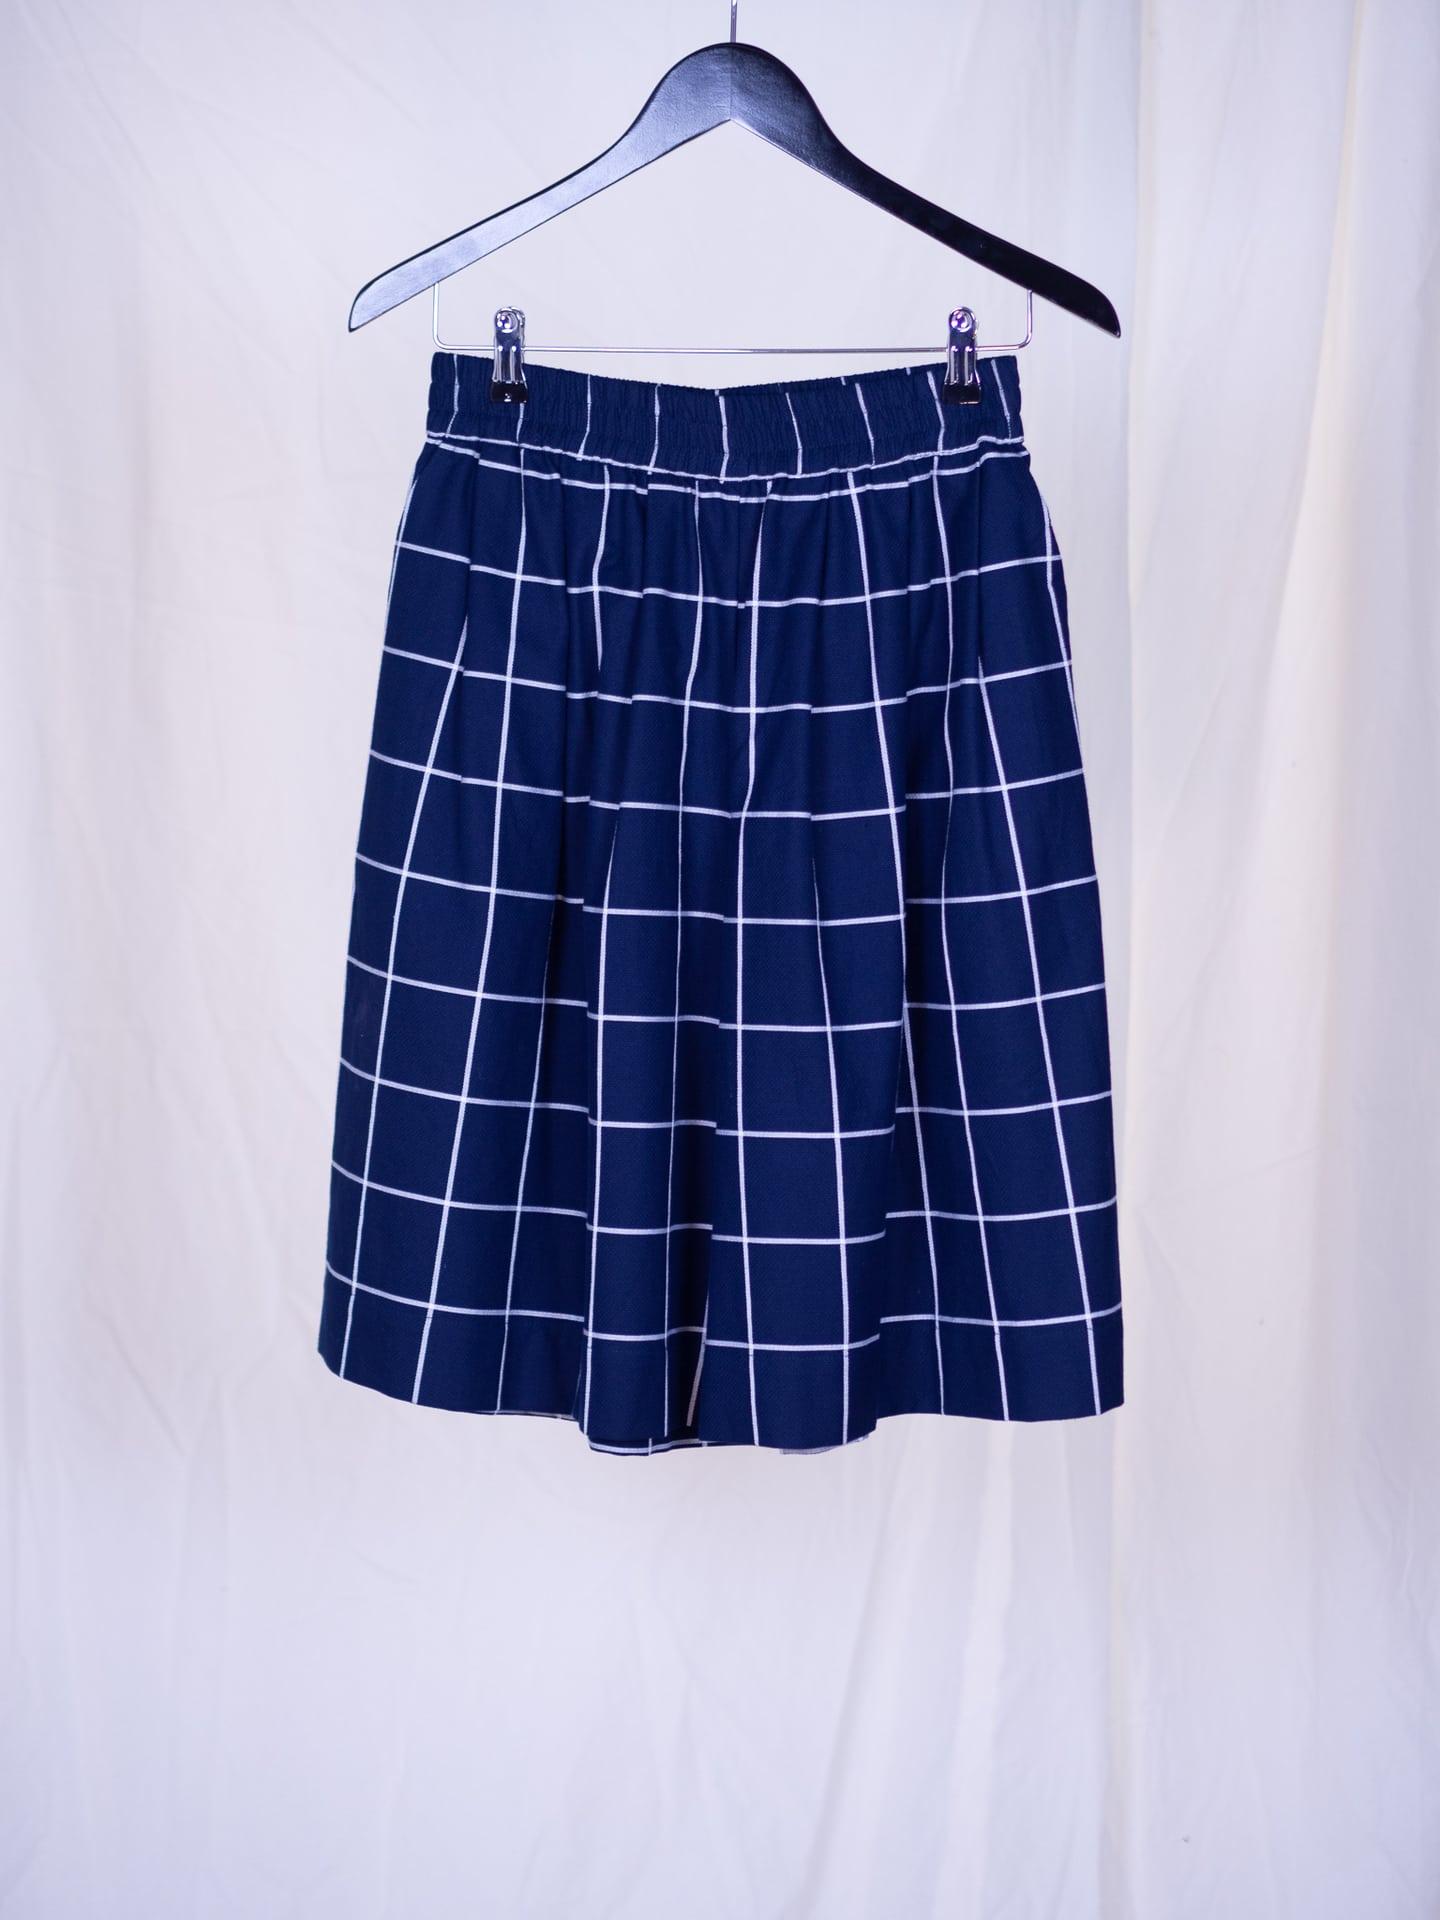 Dusk shorts